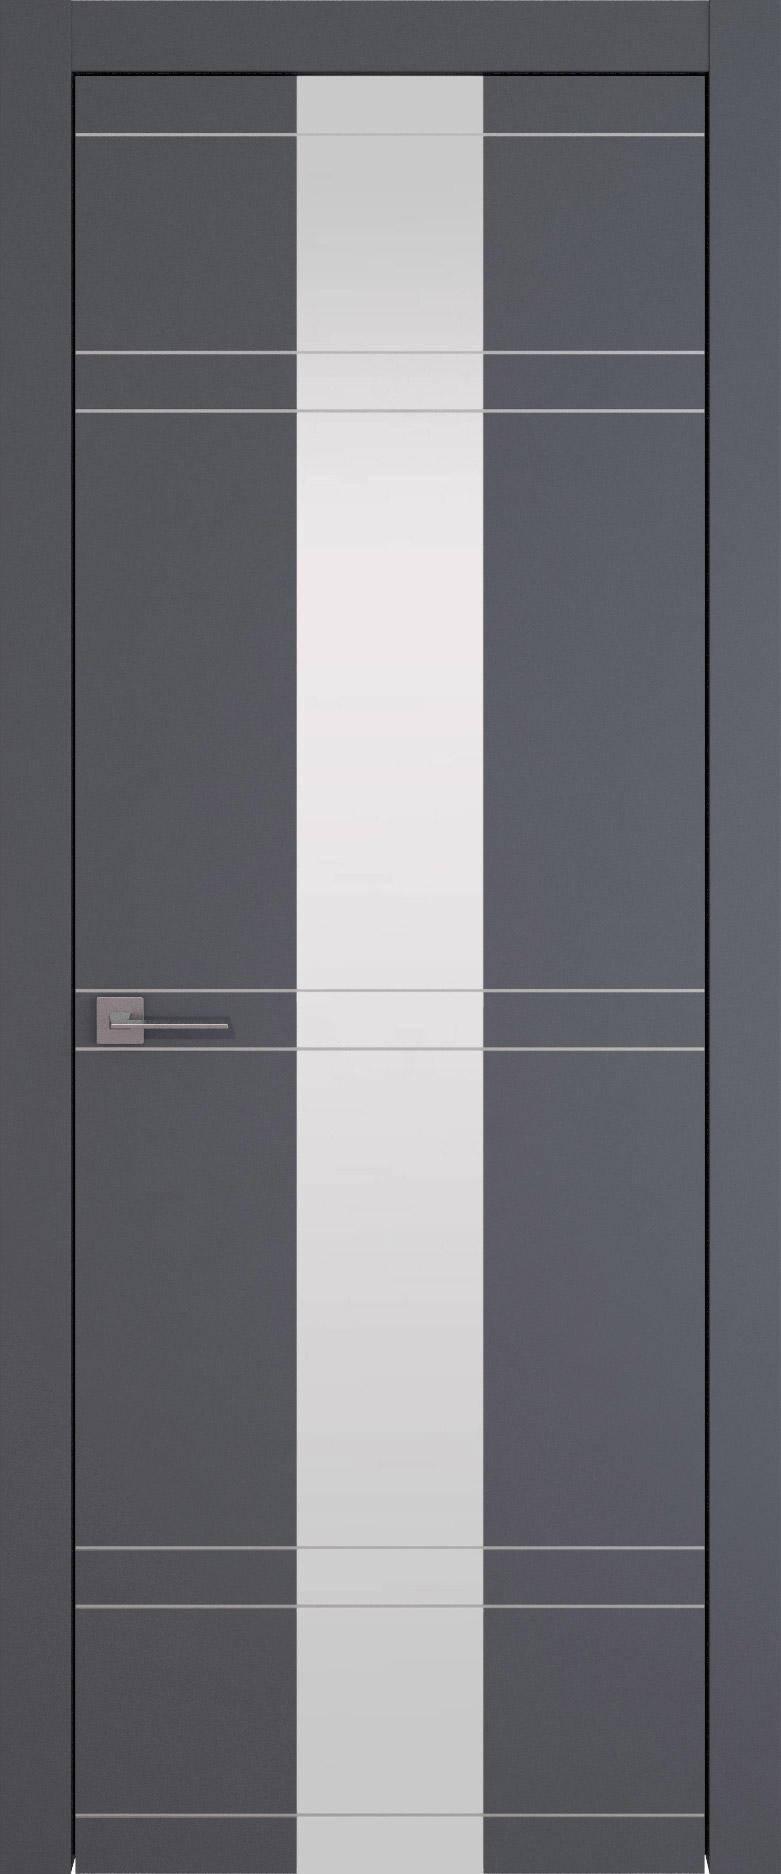 Tivoli Ж-4 цвет - Графитово-серая эмаль (RAL 7024) Со стеклом (ДО)